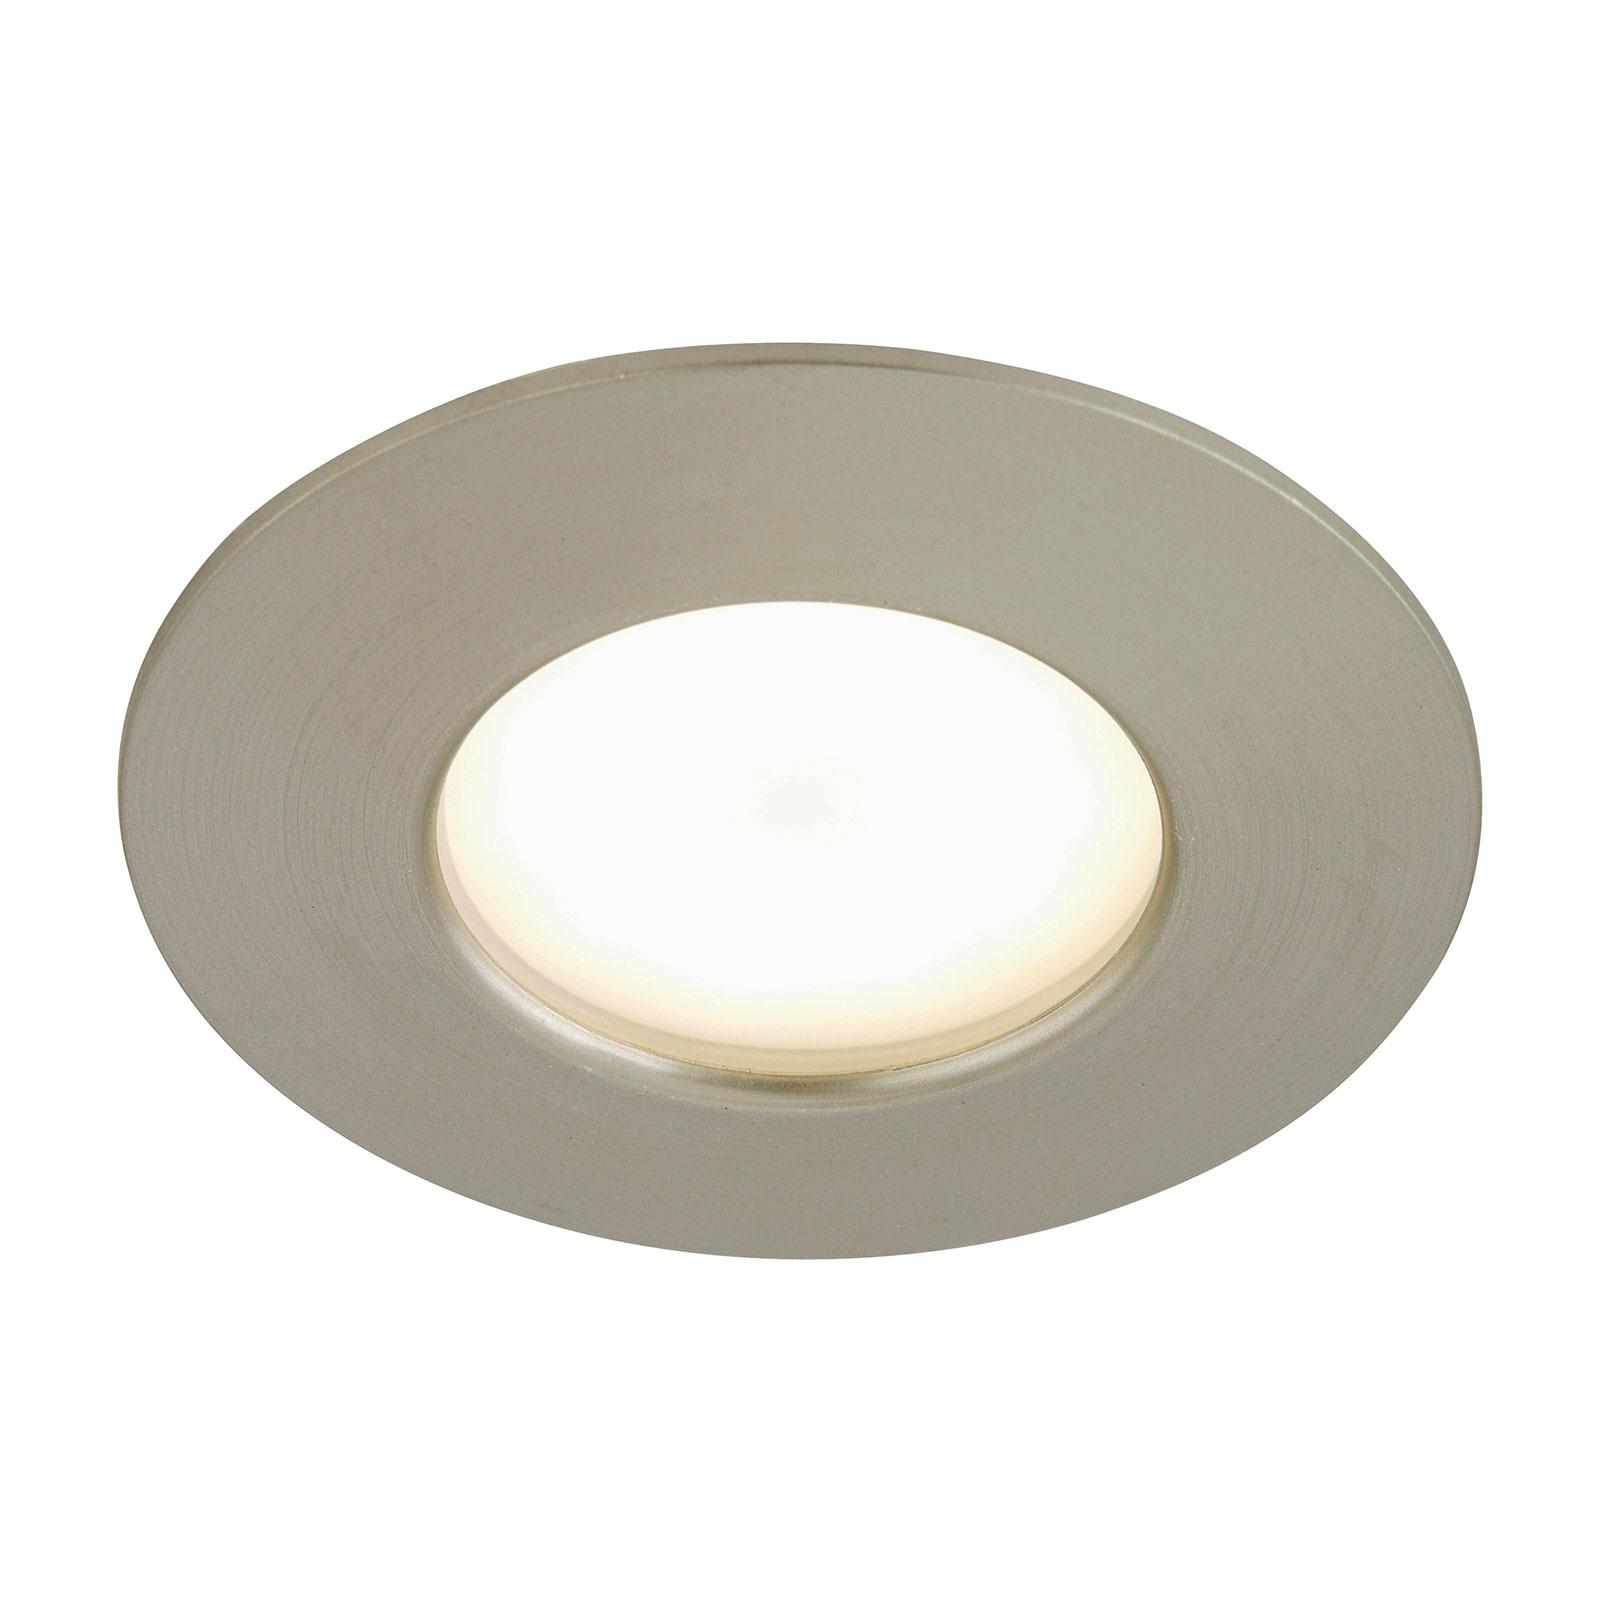 LED-Einbauleuchte Till für außen, nickel matt